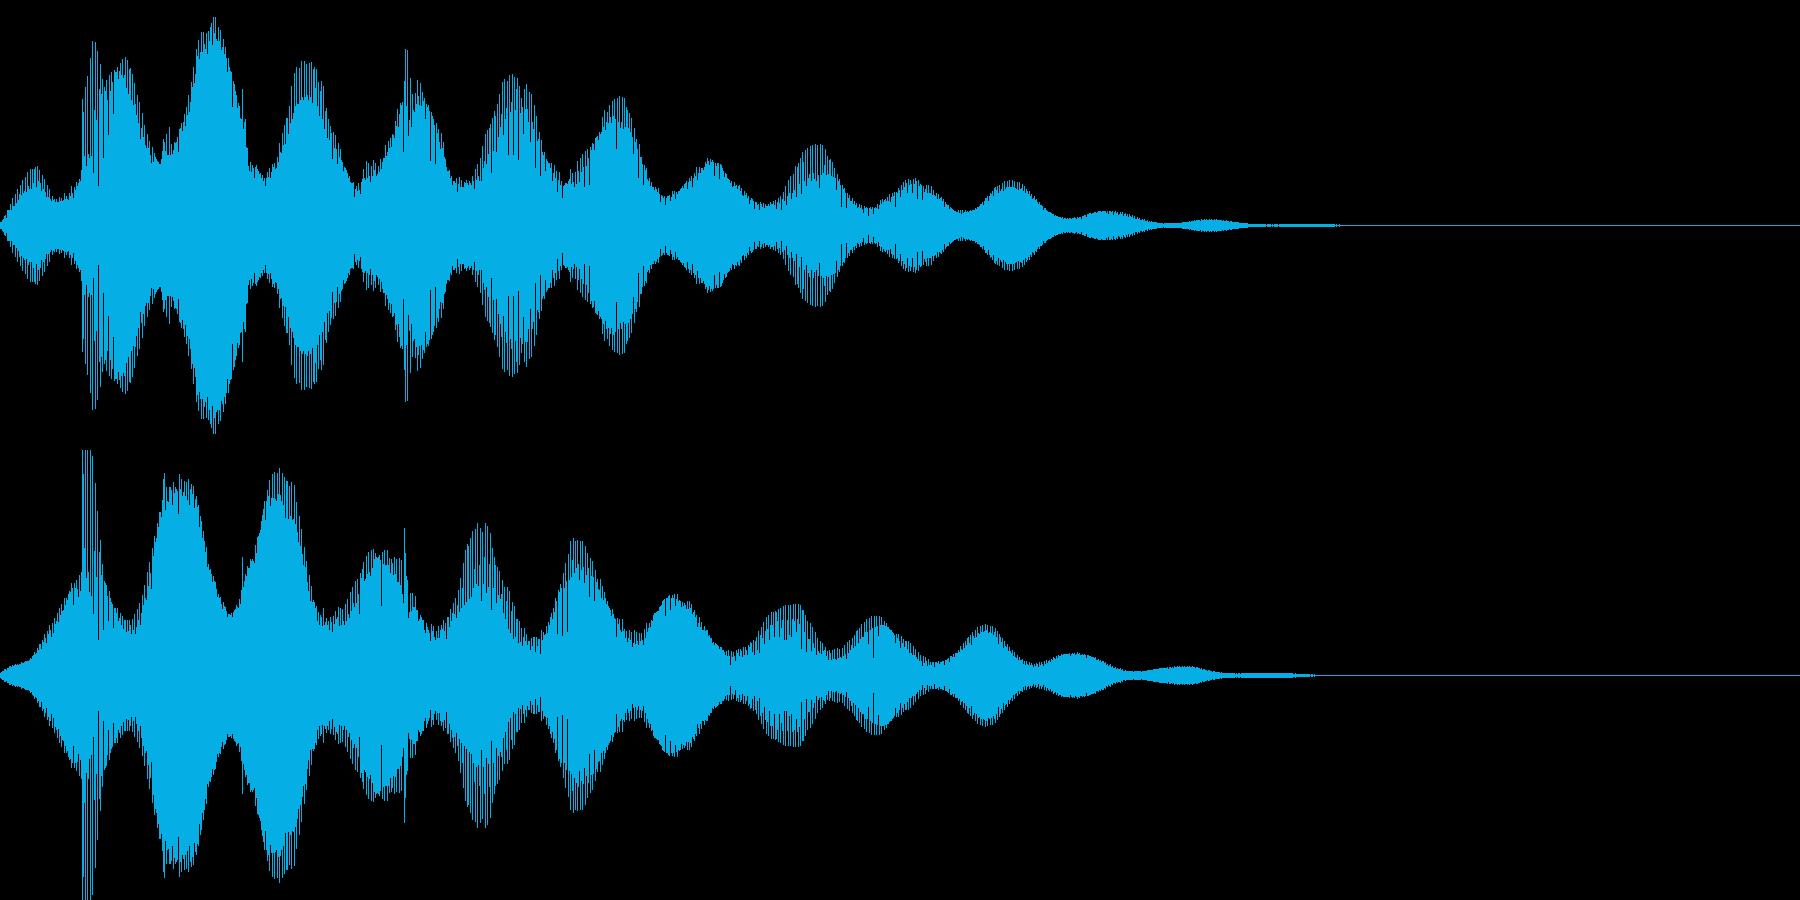 サウンドロゴ49_シンセの再生済みの波形